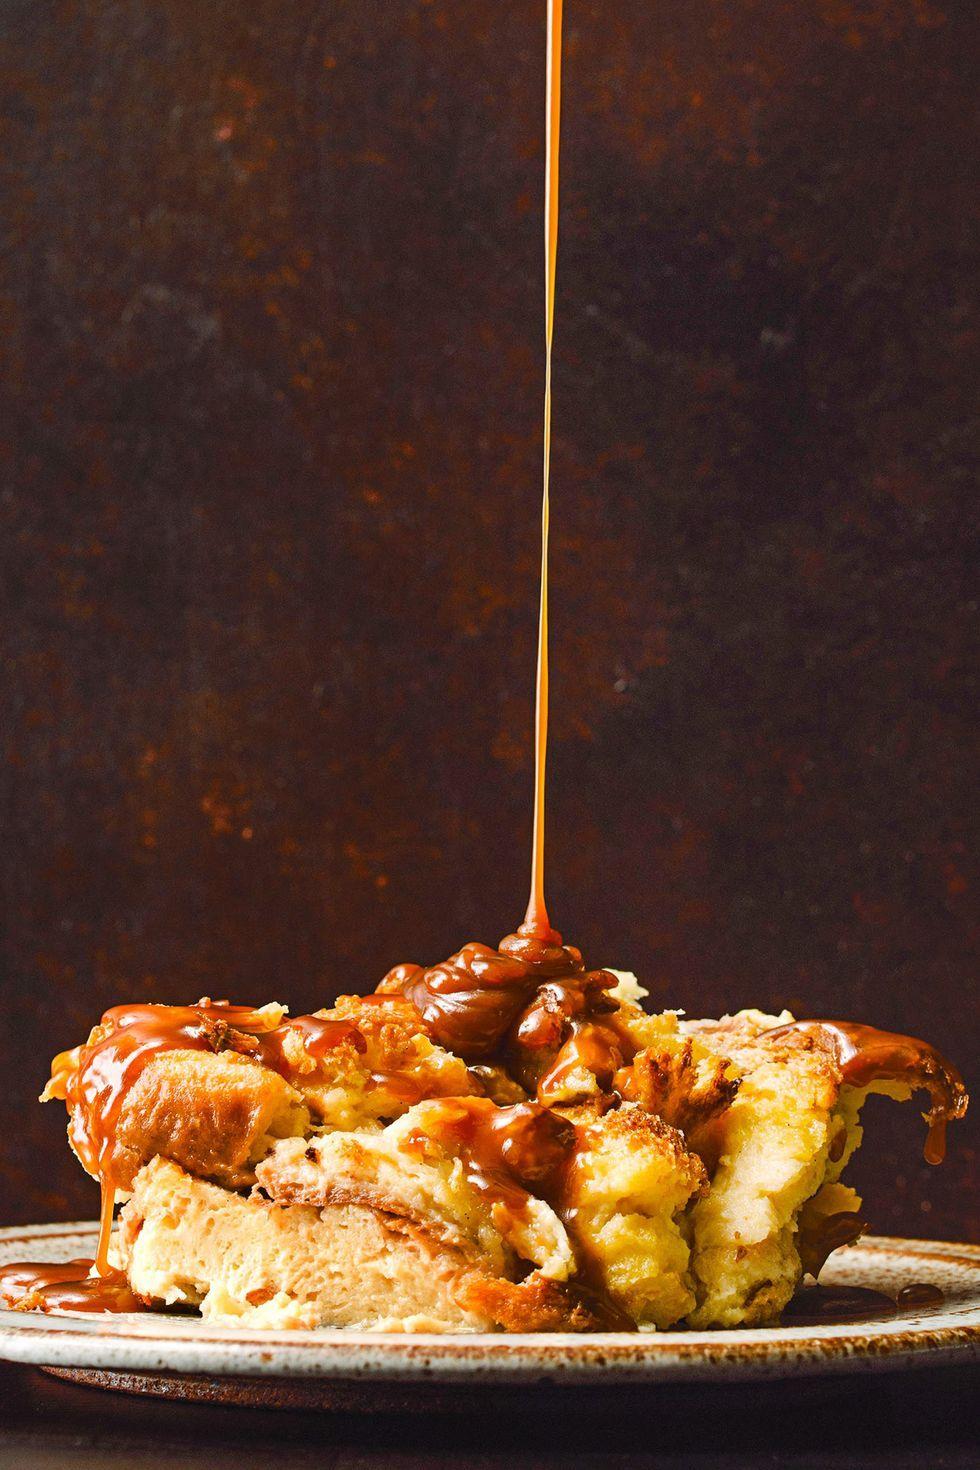 Best Brioche Bread Pudding With Bourbon Caramel Sauce Recipe How To Make Brioche Bread Pudding With Bourbon Caramel Sauce